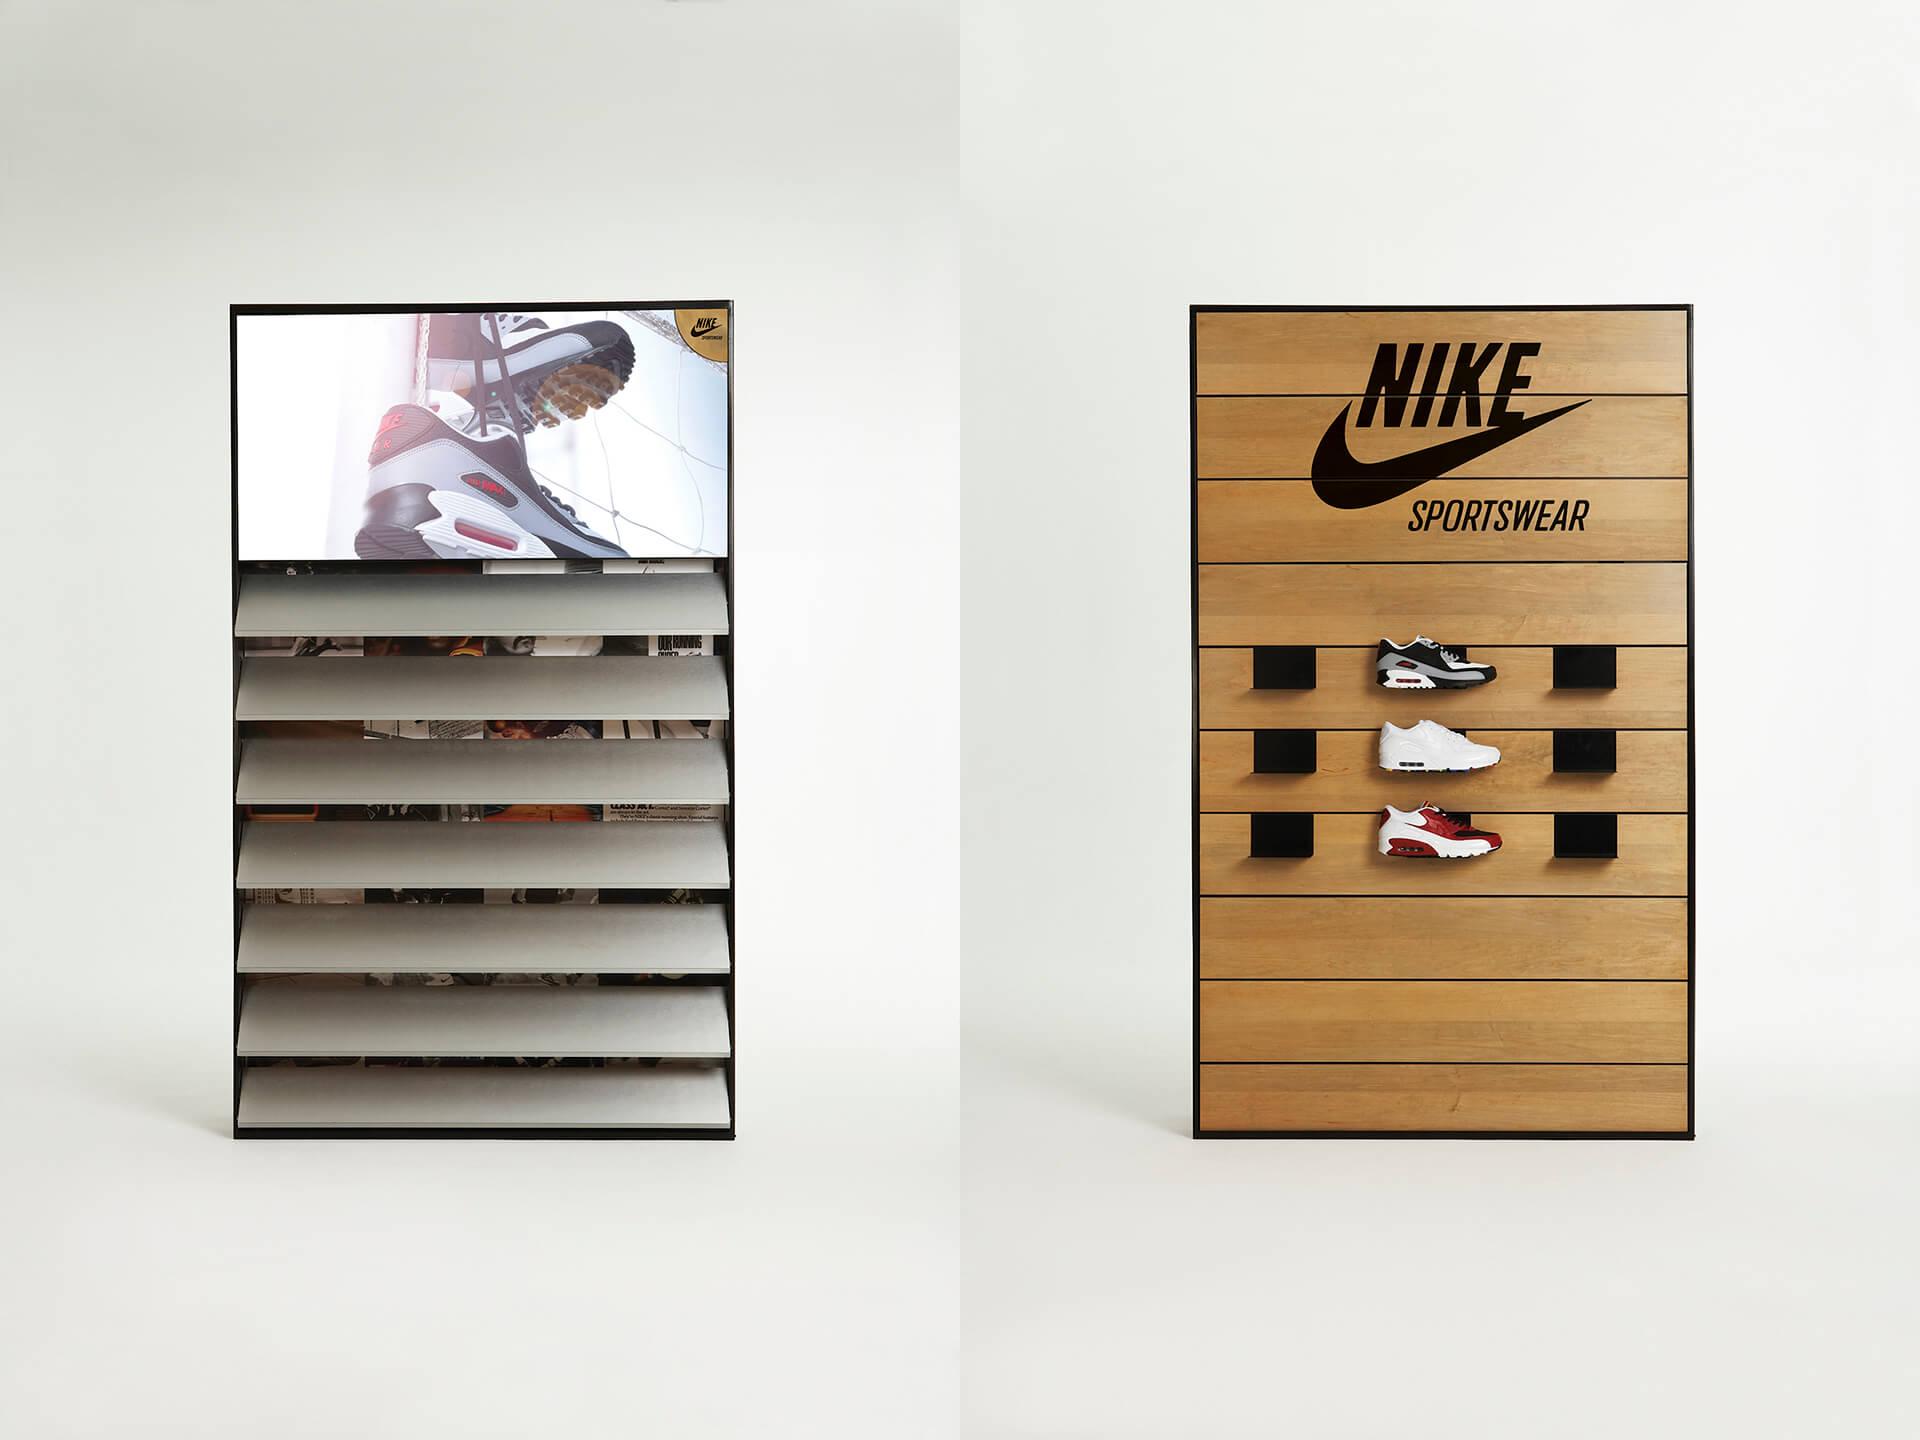 Nike Sportswear Launch 08_08_08 1920px 18